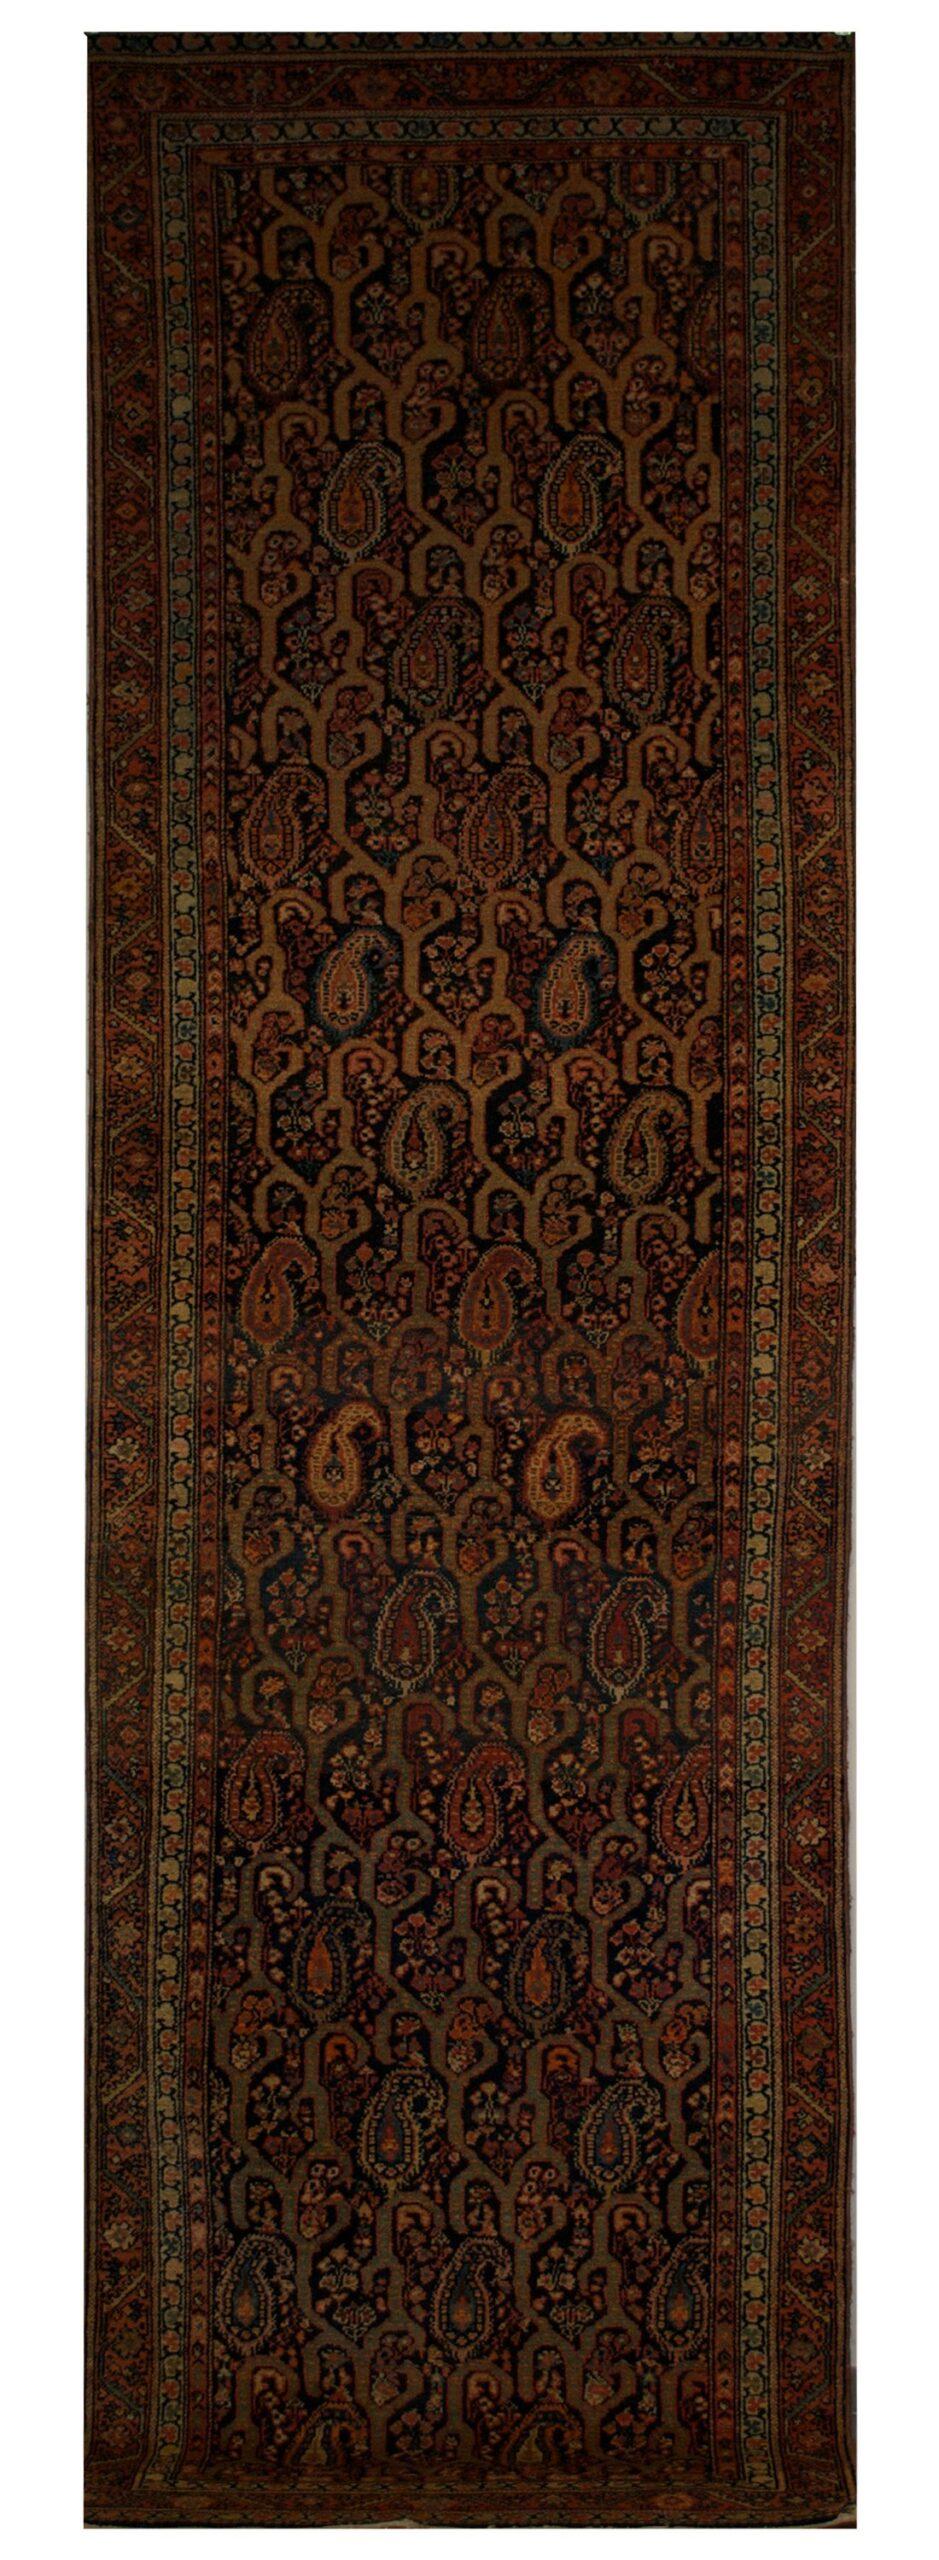 """Antique Persian Malayer 3' 4"""" x 12' - Shabahang Royal Carpet"""